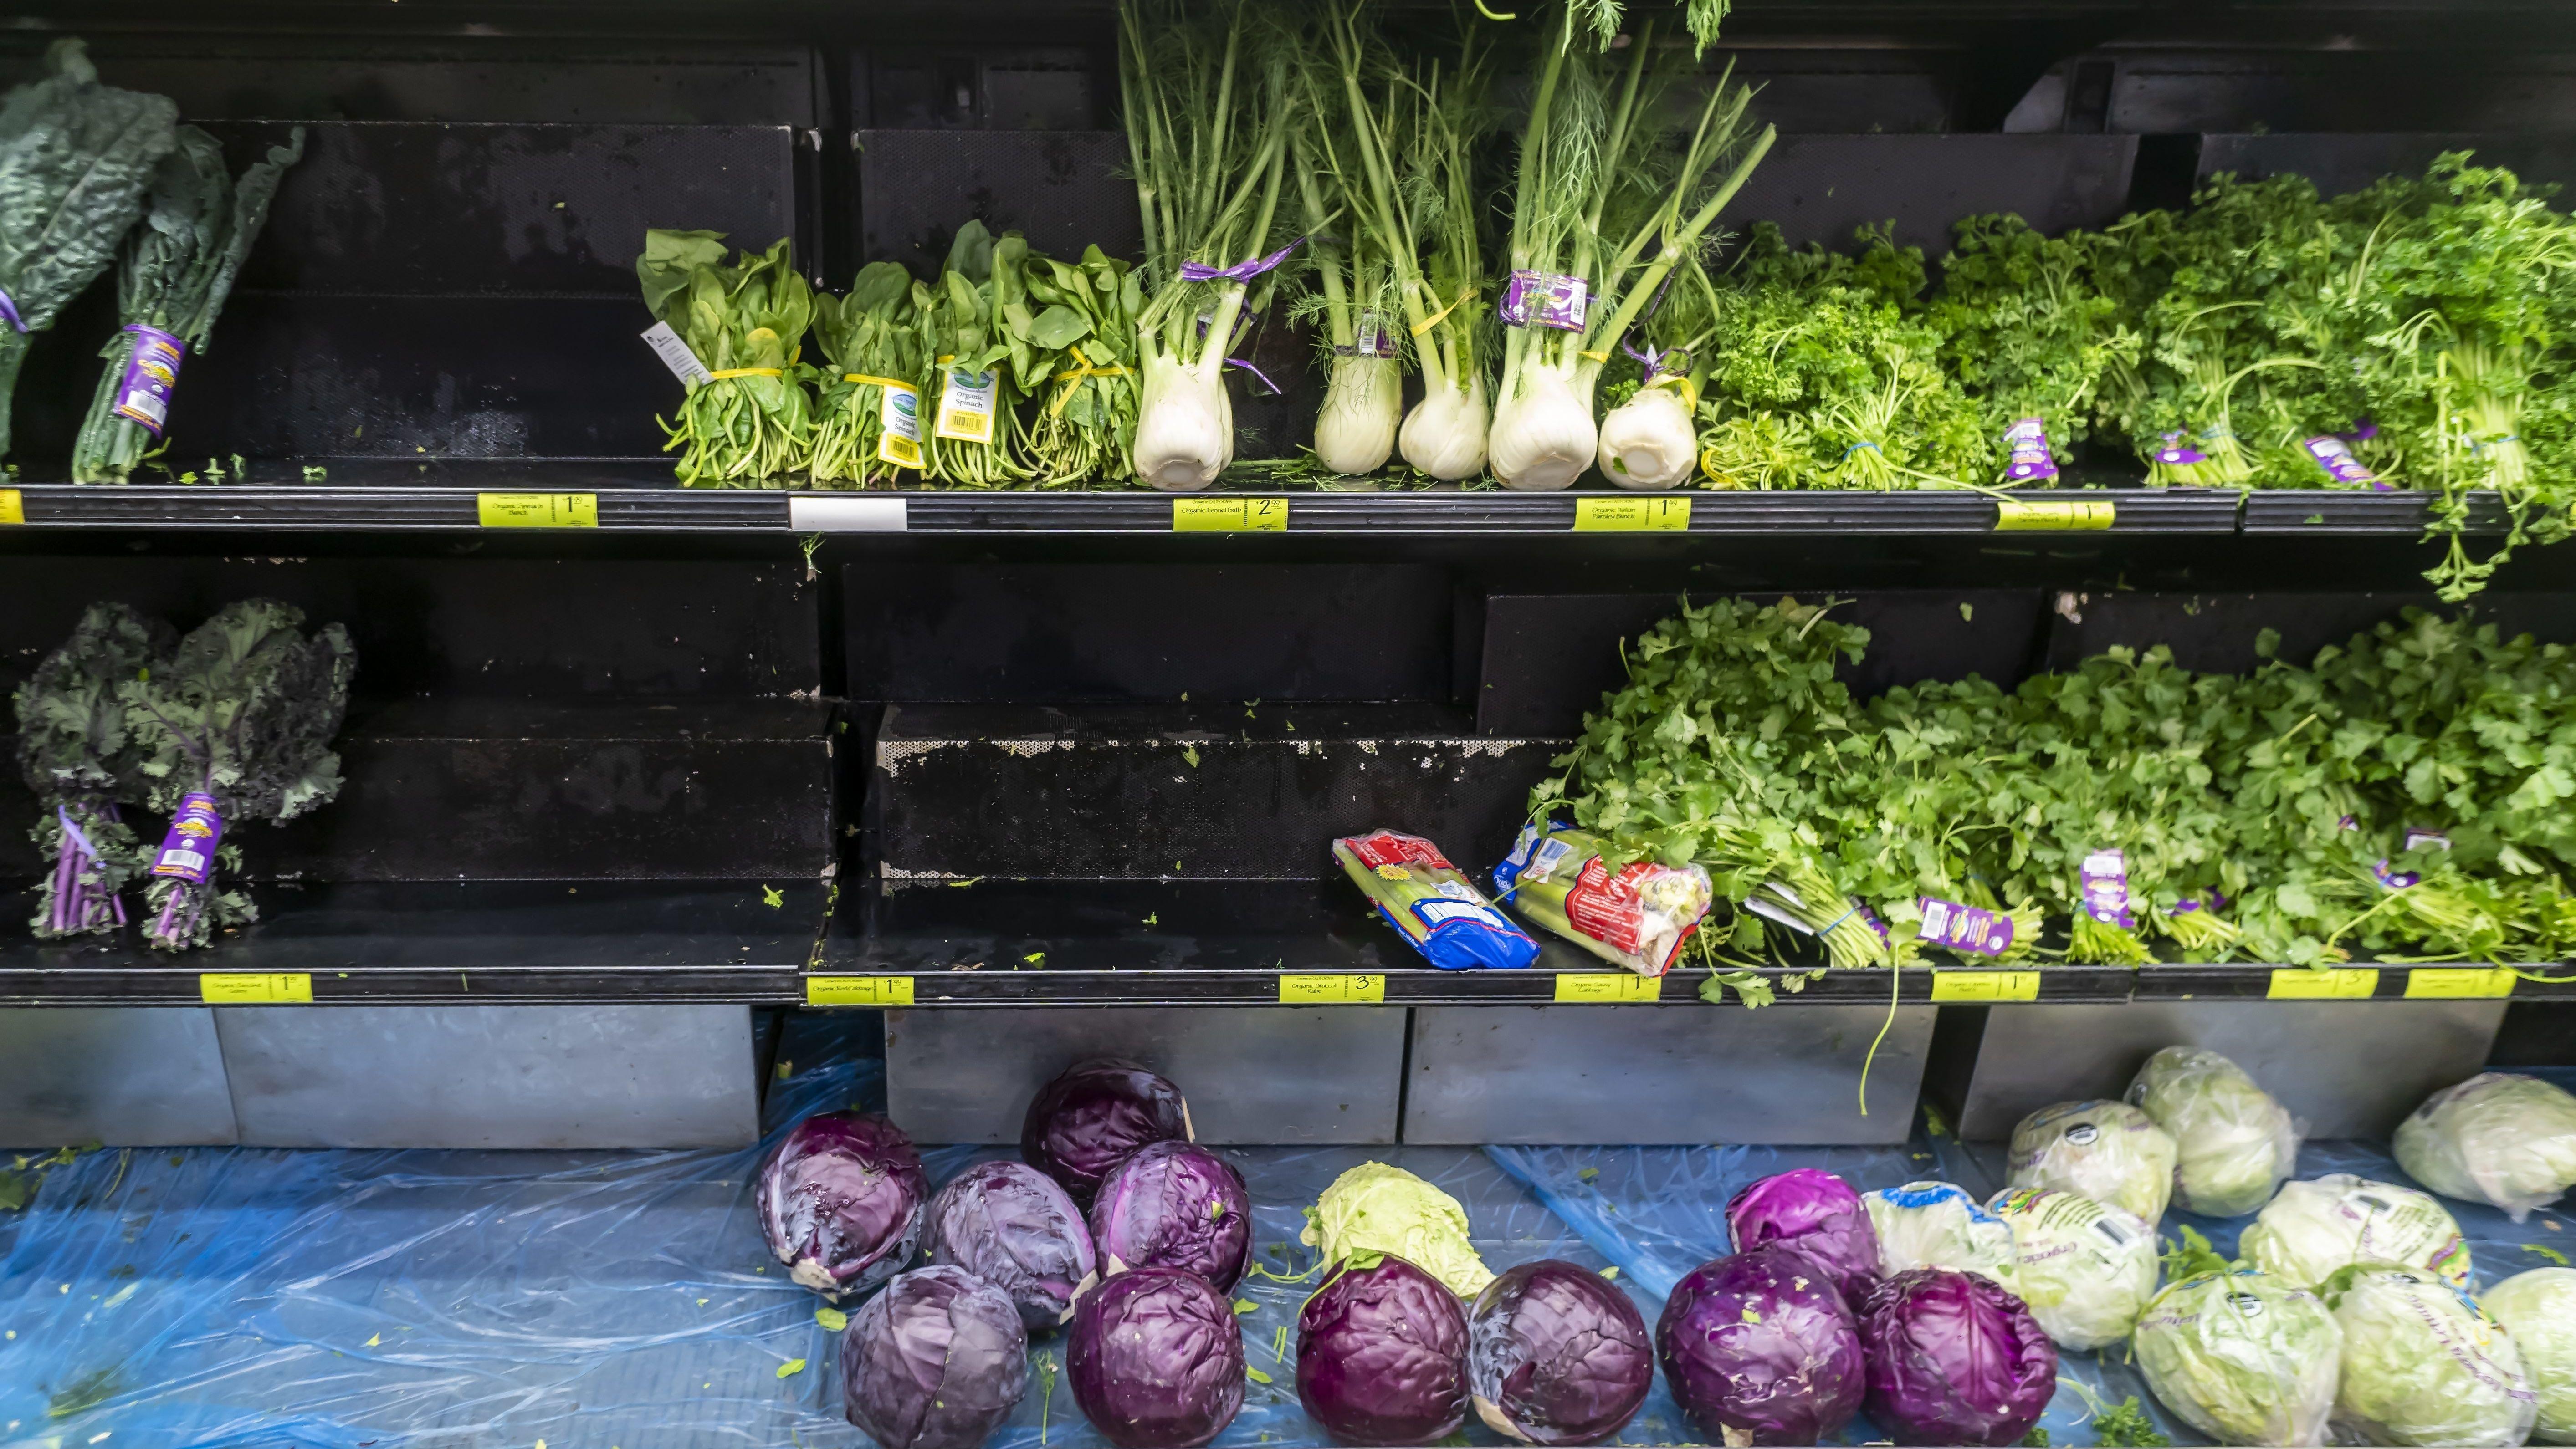 Gemüseregal in einem Supermarkt